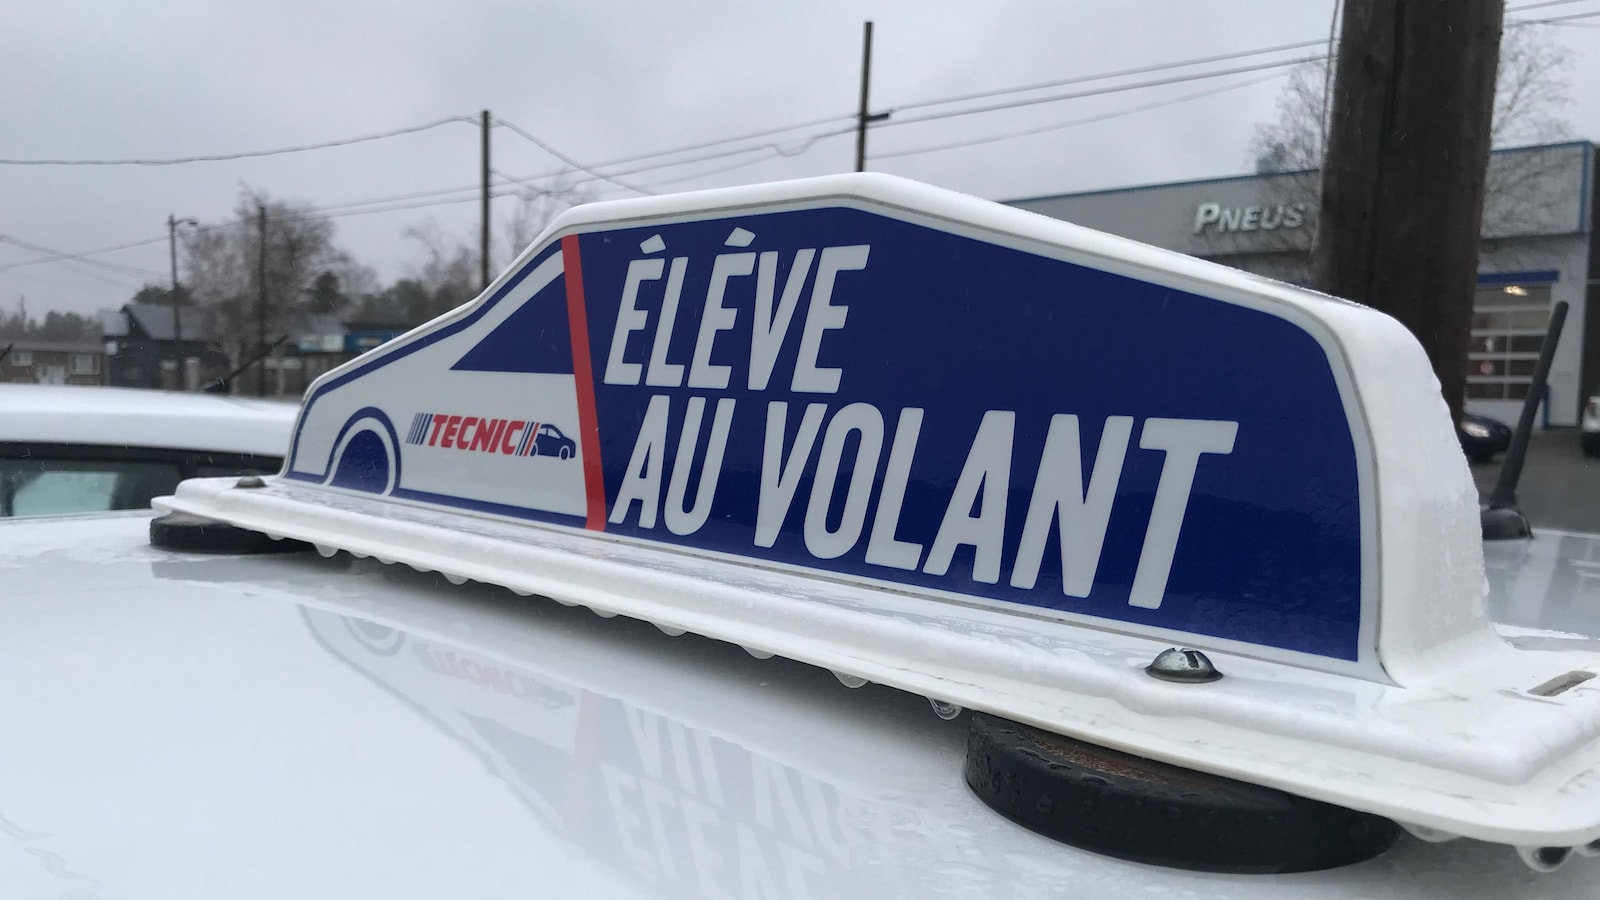 Une affiche sur le toit d'une voiture indique «Élève au volant».